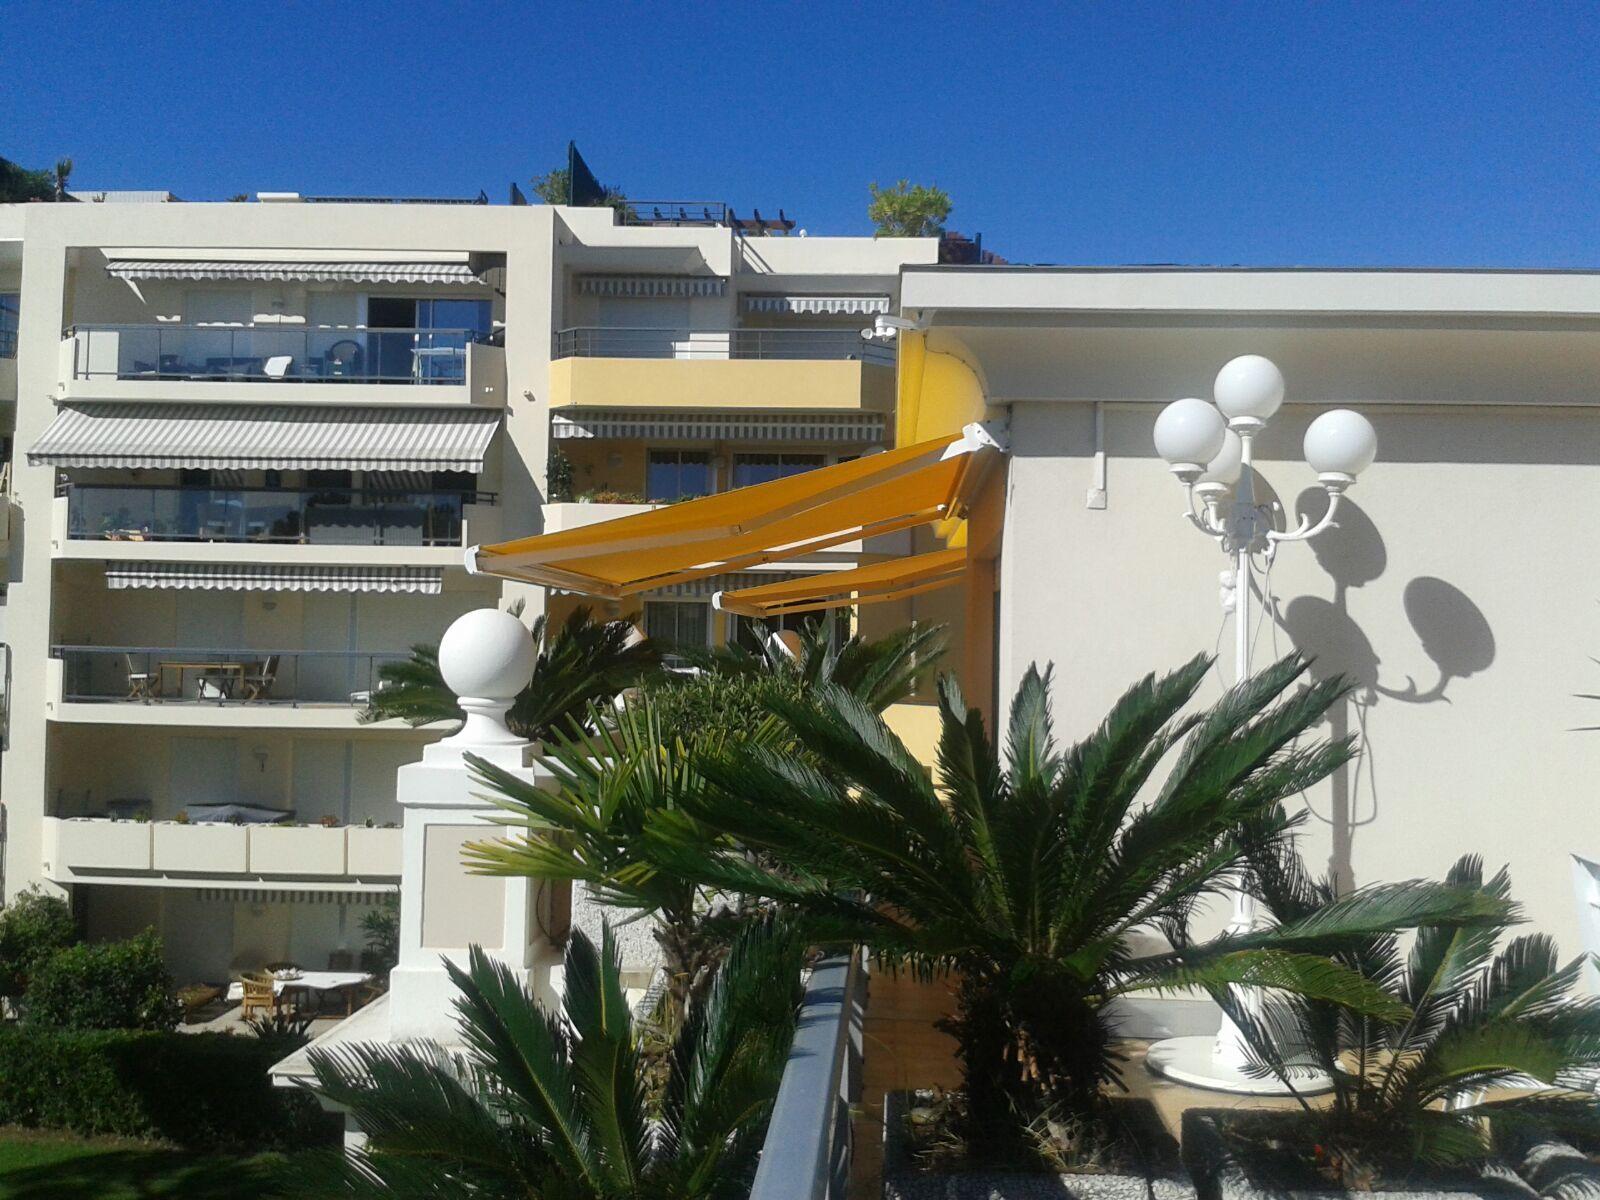 domus_point_costa_azzurra_cagnes_sur_mer_05